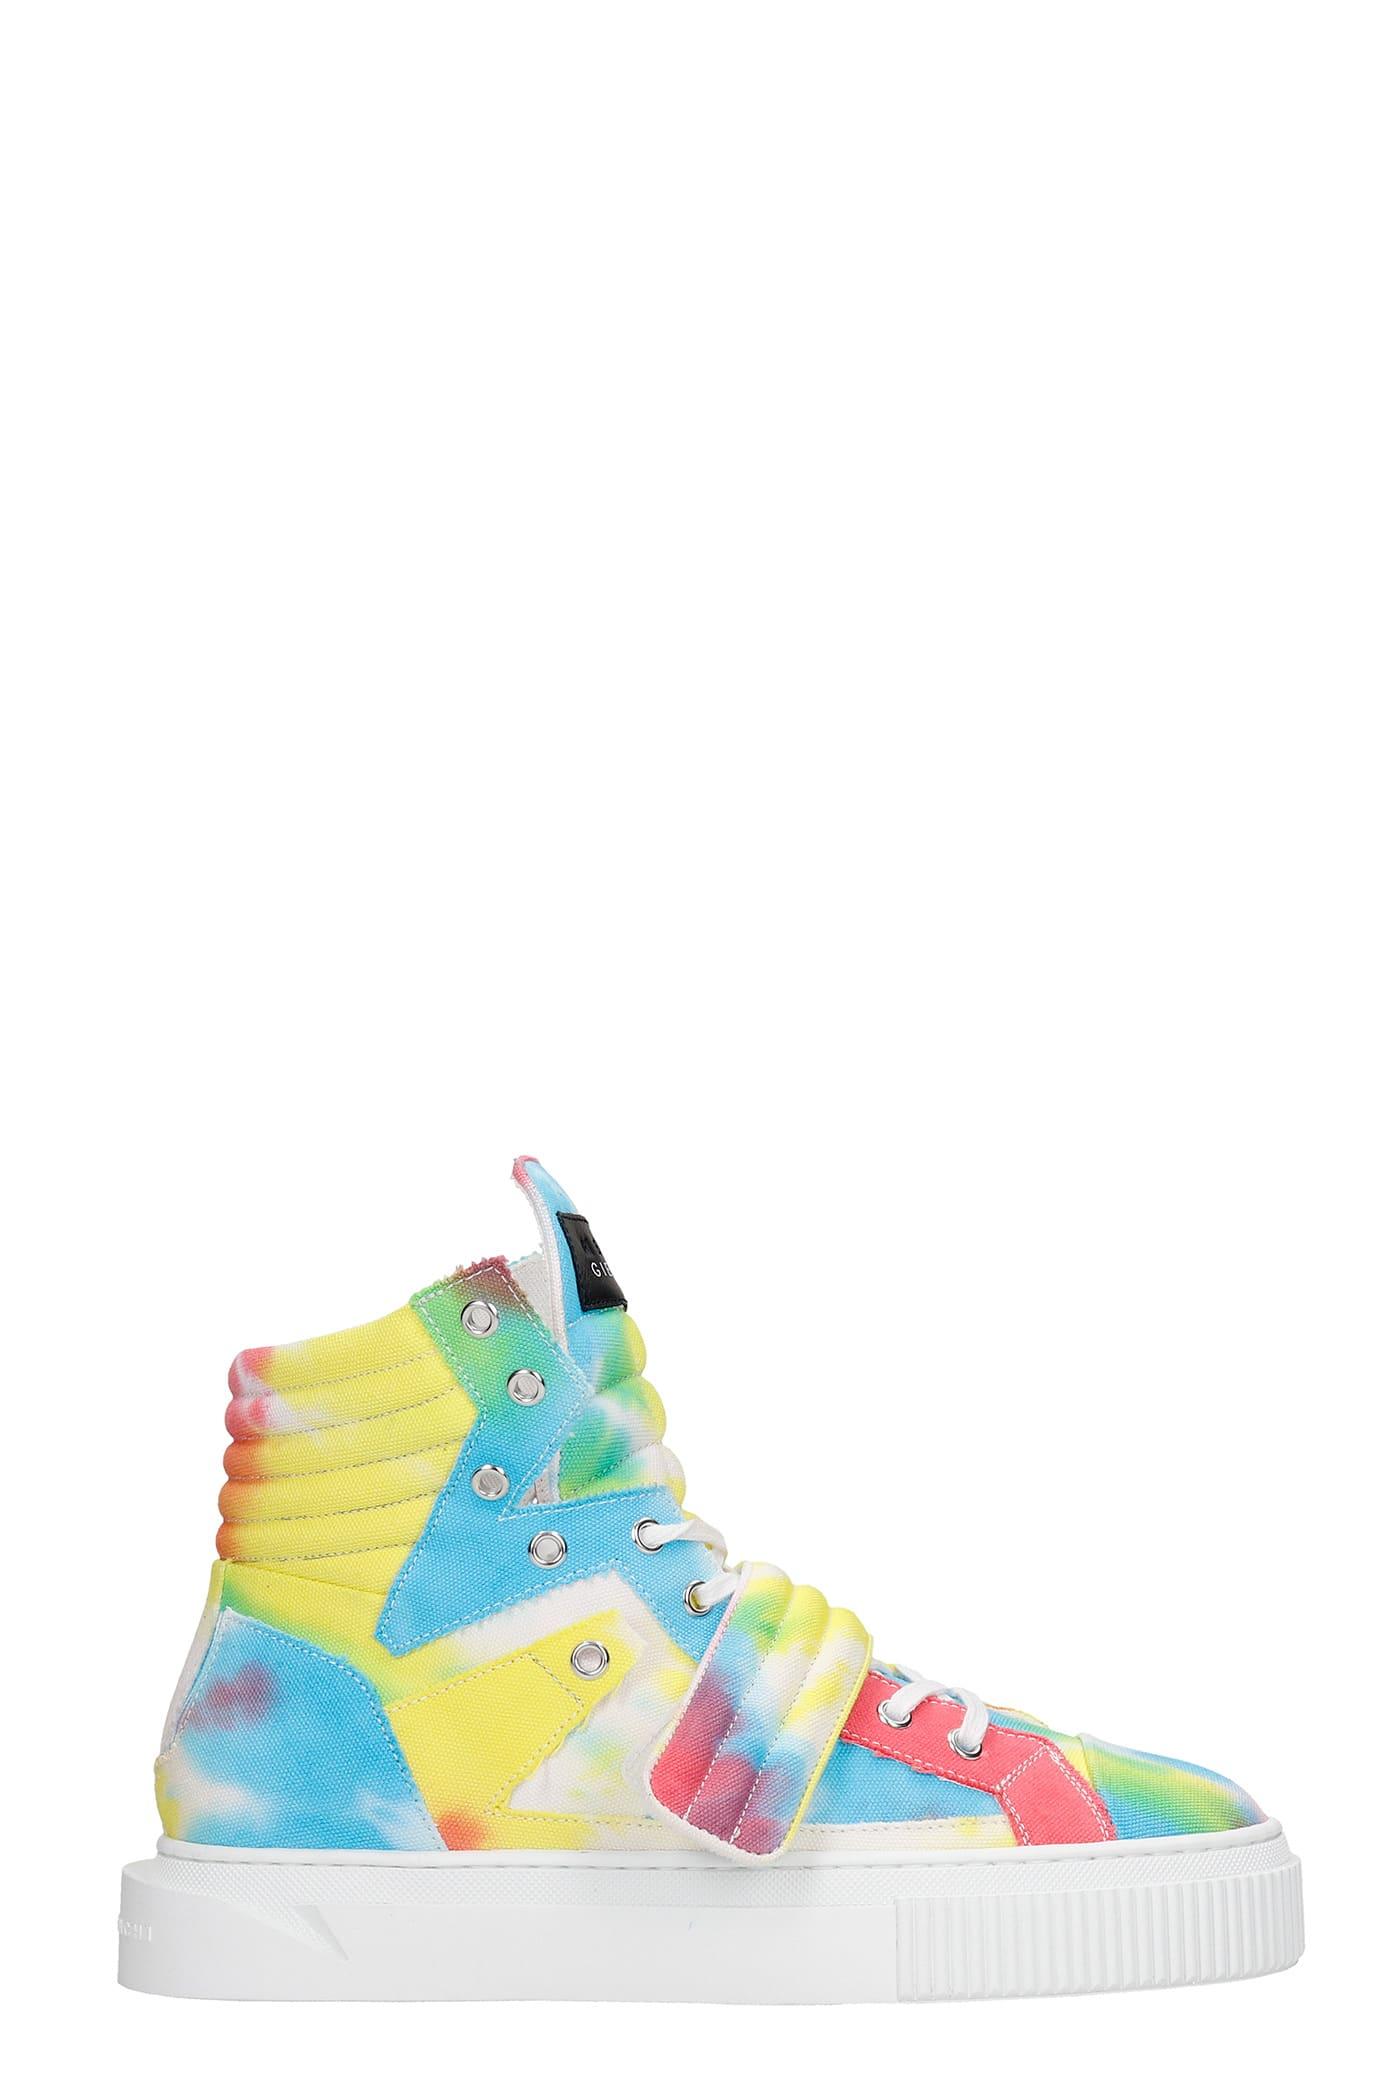 Hypnos Sneakers In Multicolor Canvas